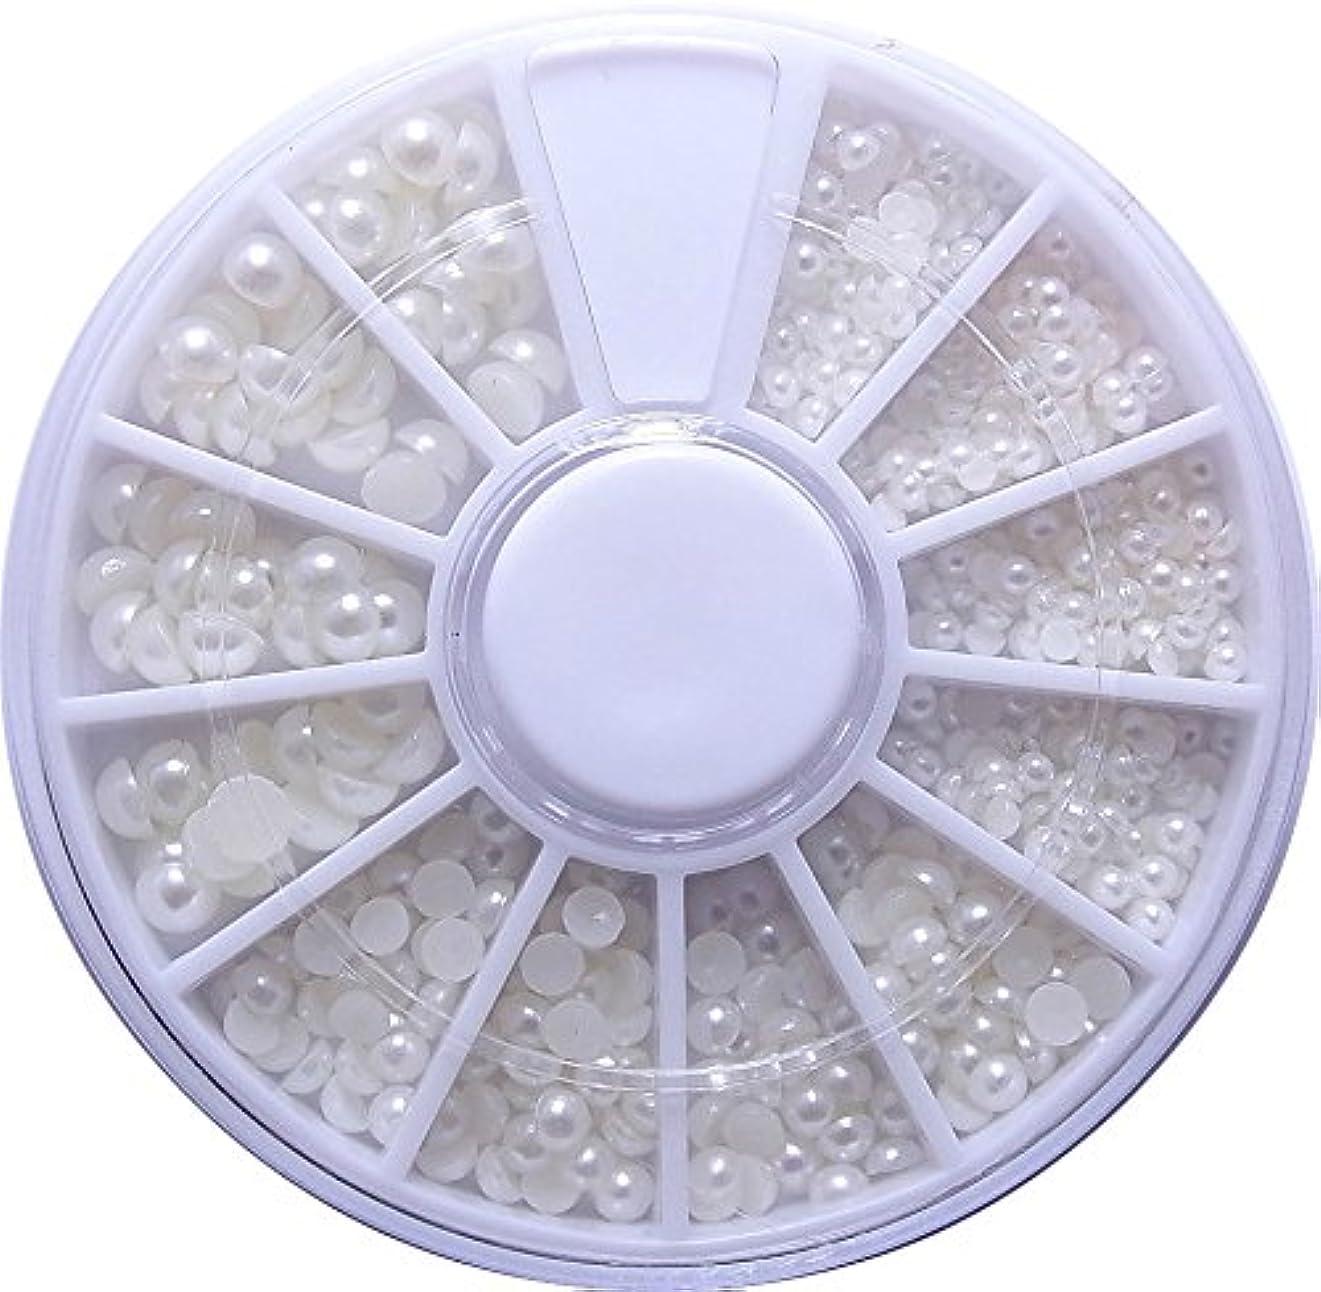 モンキーに対処するティーム【jewel】半円ホワイトパール 3サイズ MIX ケース入り 2mm 3mm 4mm ネイル レジン